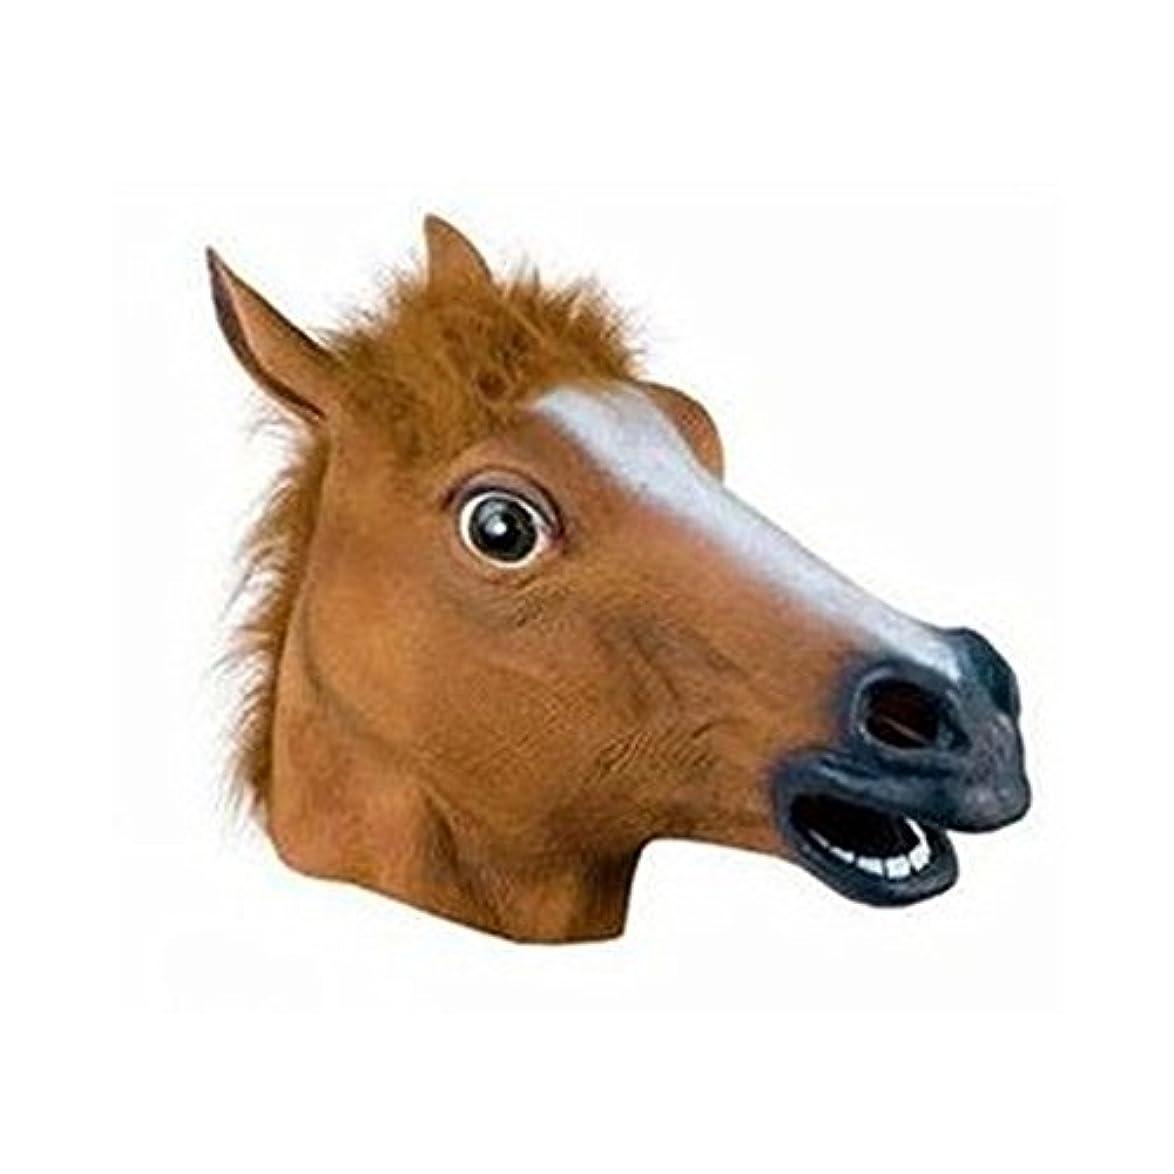 スラム街聖職者理由犬の馬6月ハロウィーン動物のヘッドギアCOSマスク馬のヘッドマスク